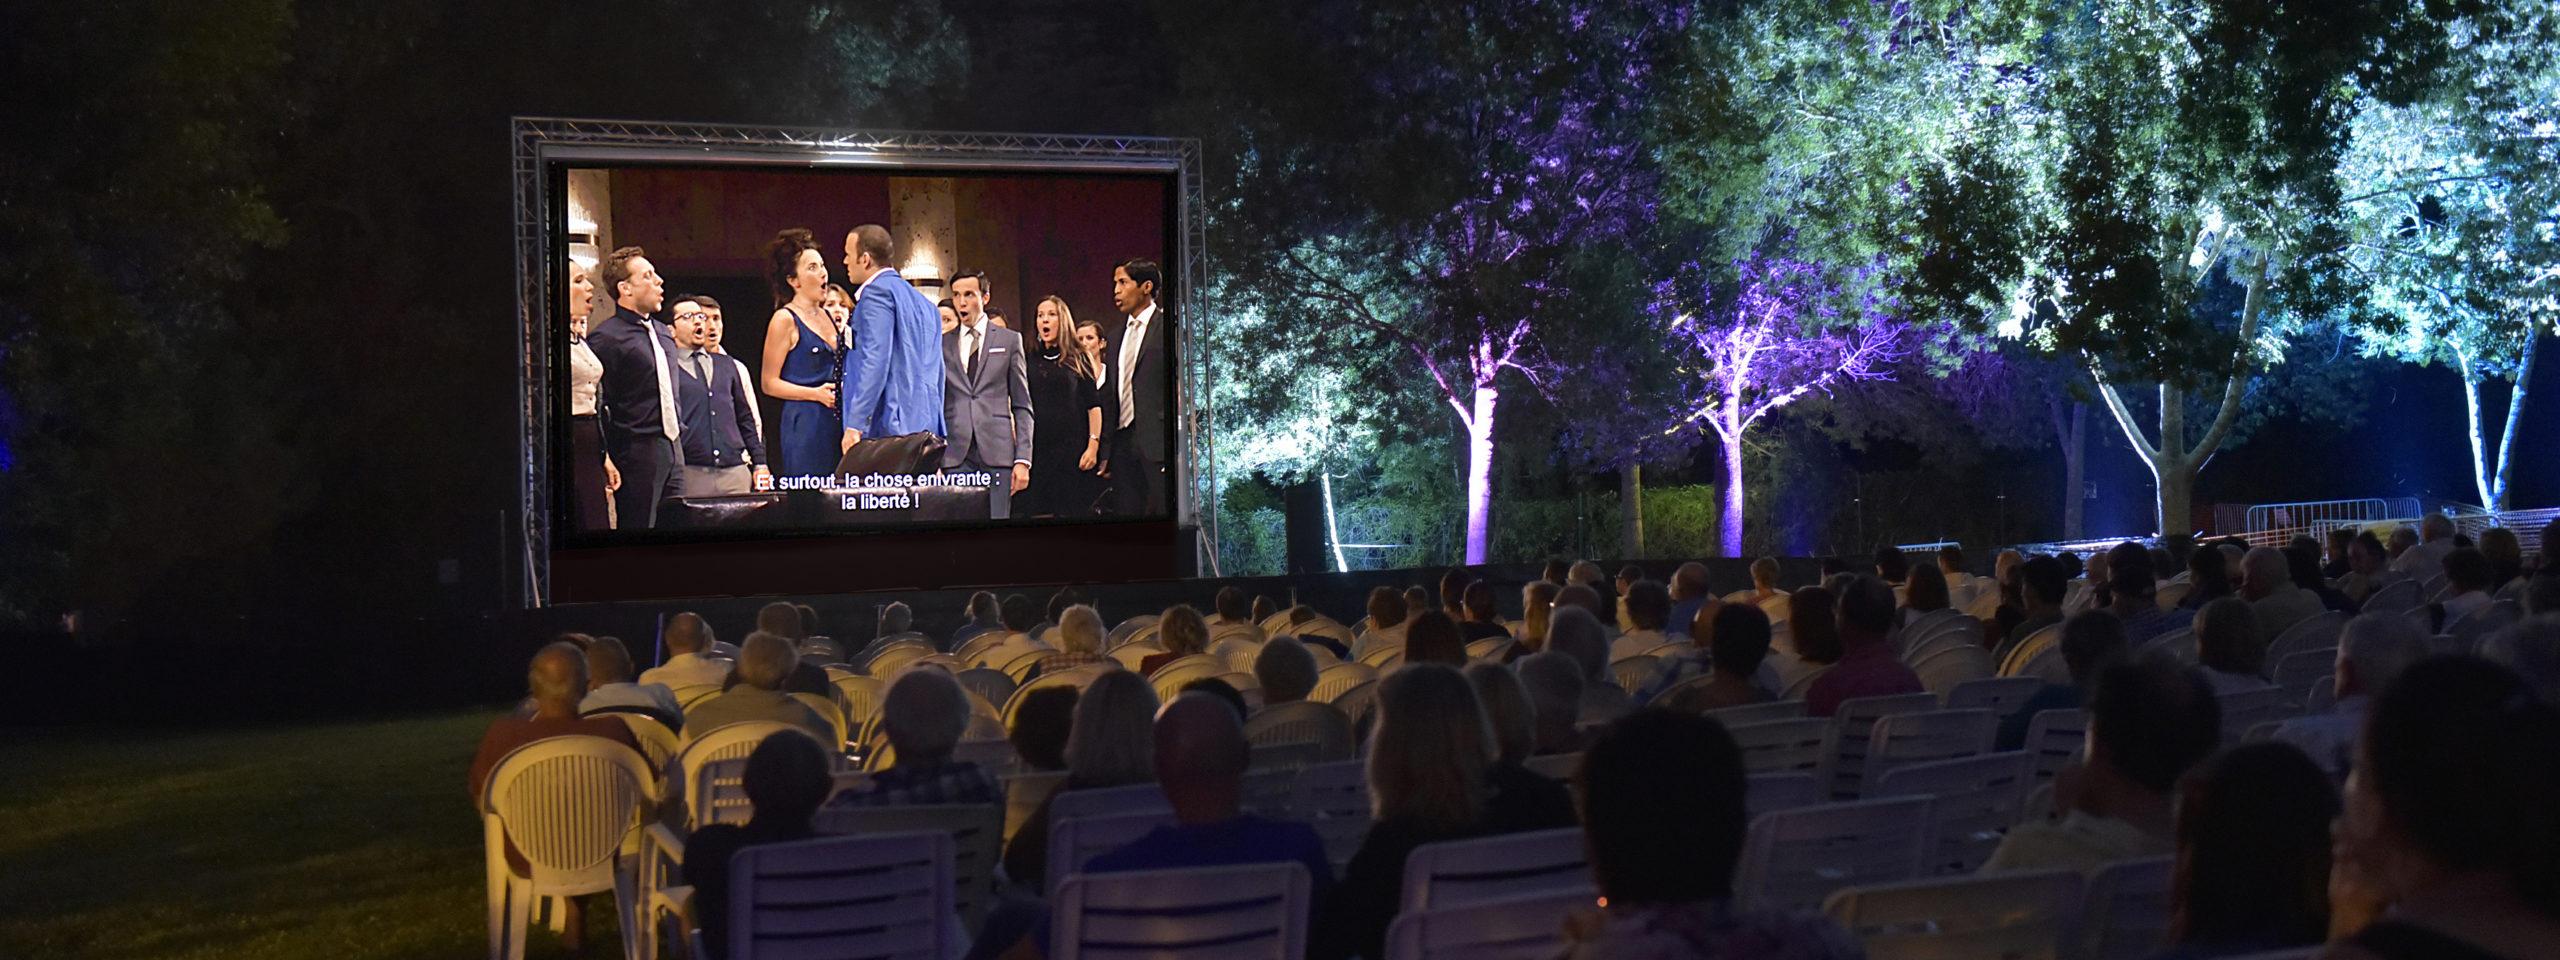 Photo représentant des spectateurs assis en plein air en train de regarder la projection d'un opéra sur grand écran